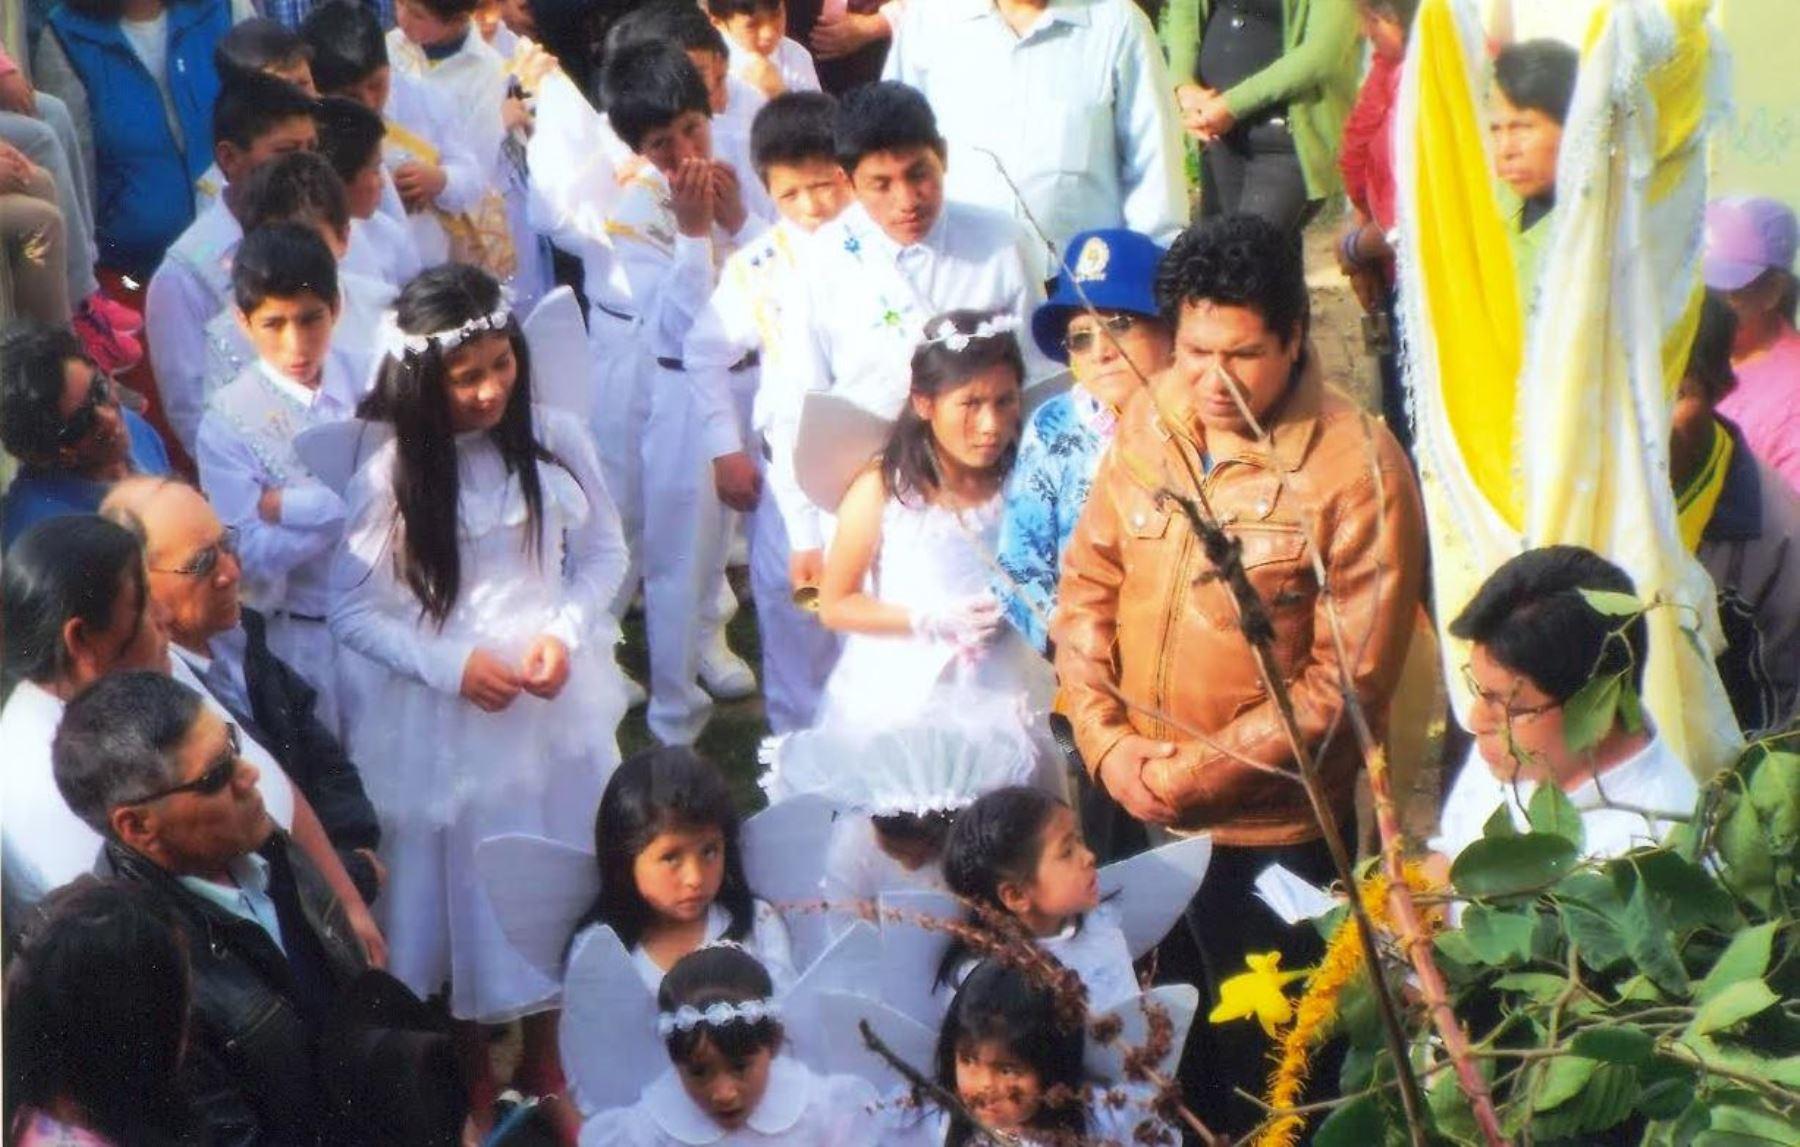 Danza Los Pastorcitos de Malvas fue declarada Patrimonio Cultural de la Nación por el Ministerio de Cultura.